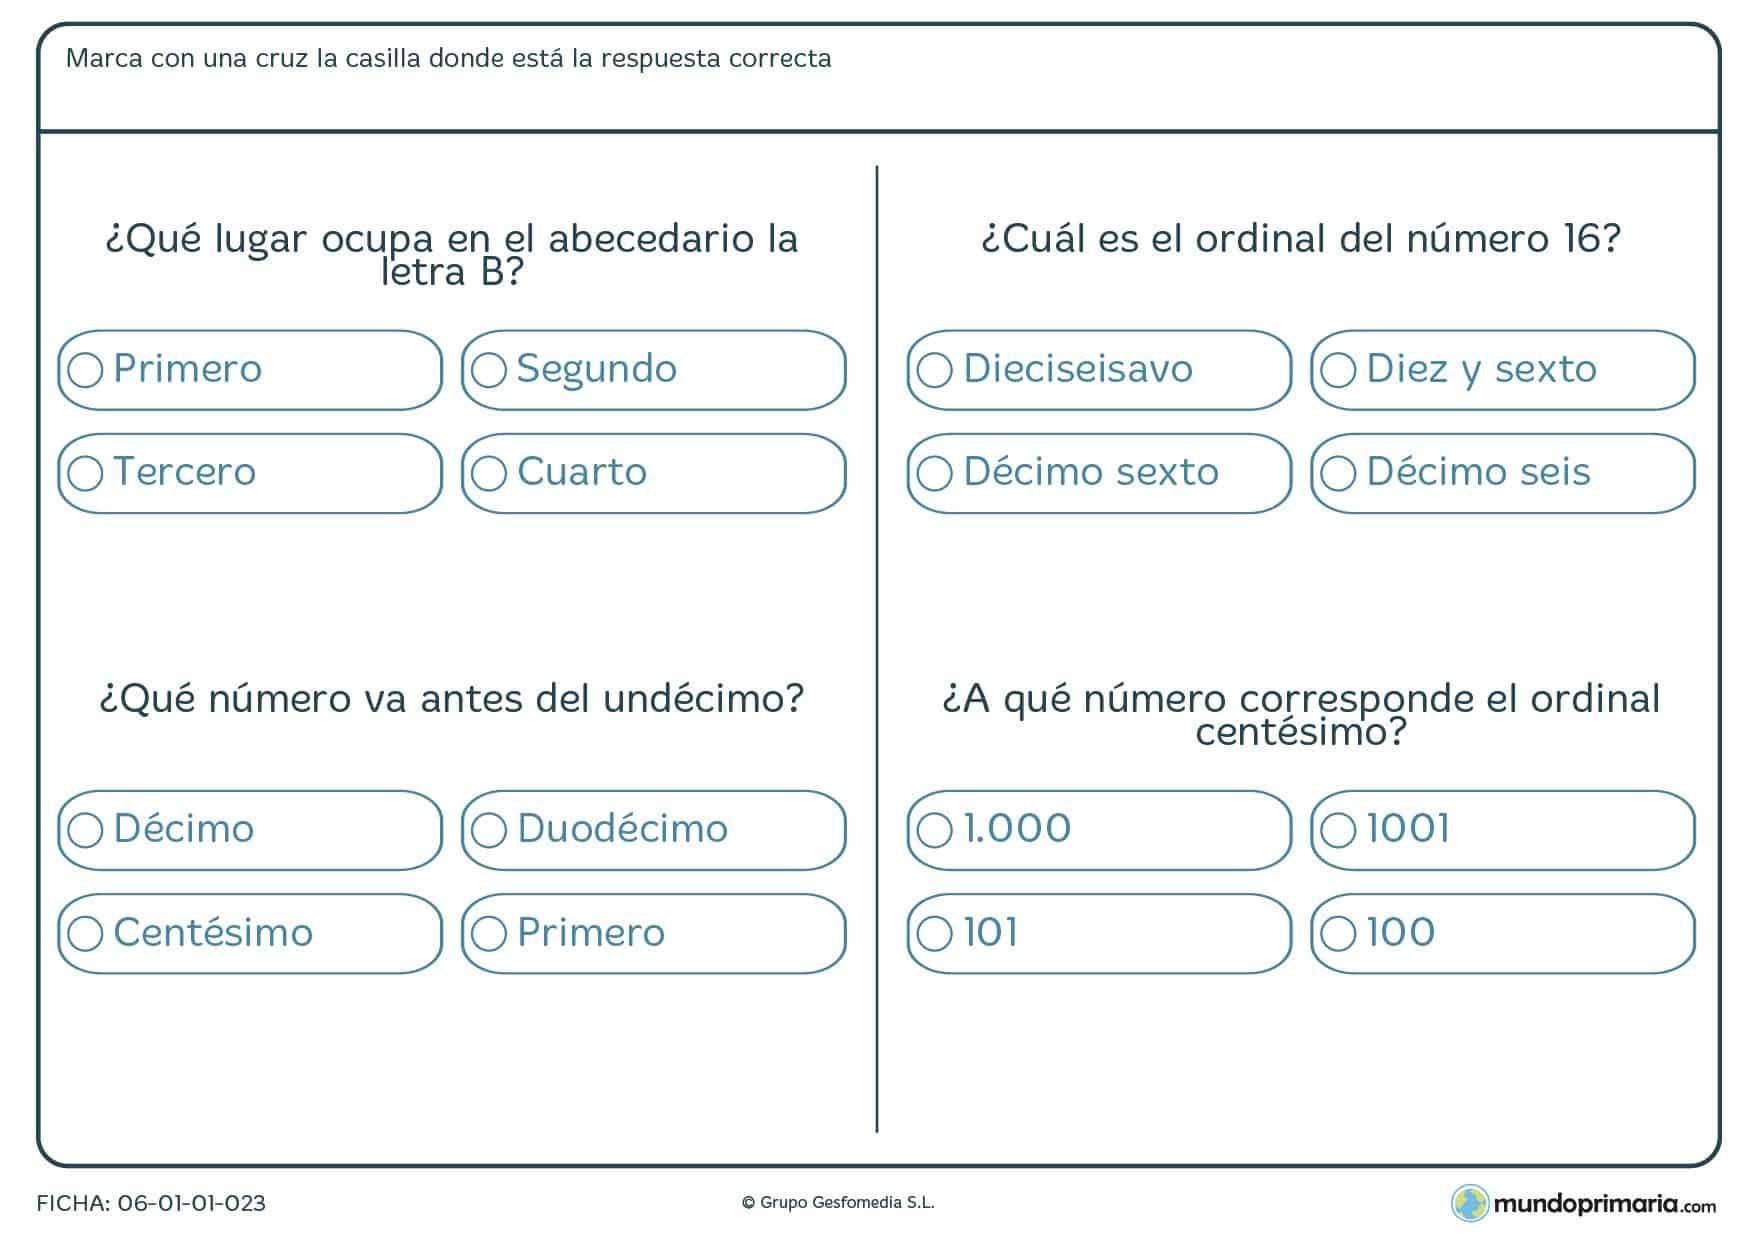 Ficha de posiciones de números comunes según sea su ordinal.